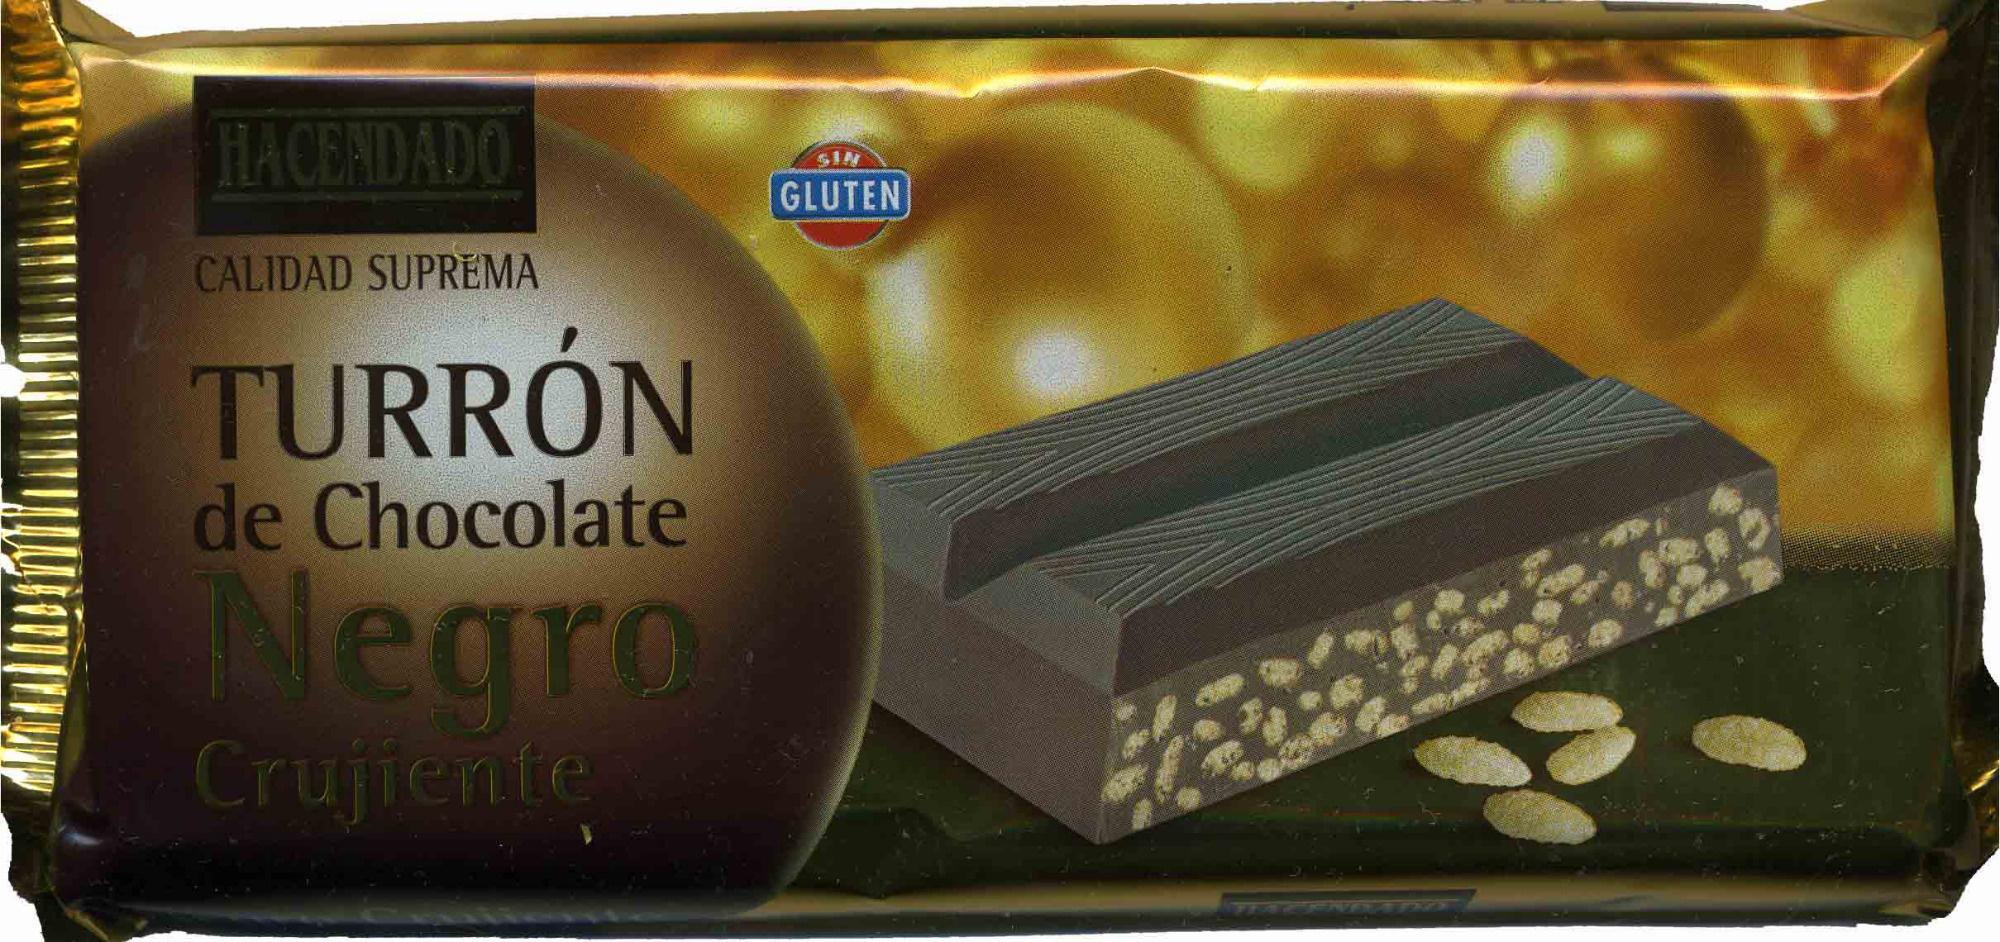 Turrón de chocolate negro crujiente - Producto